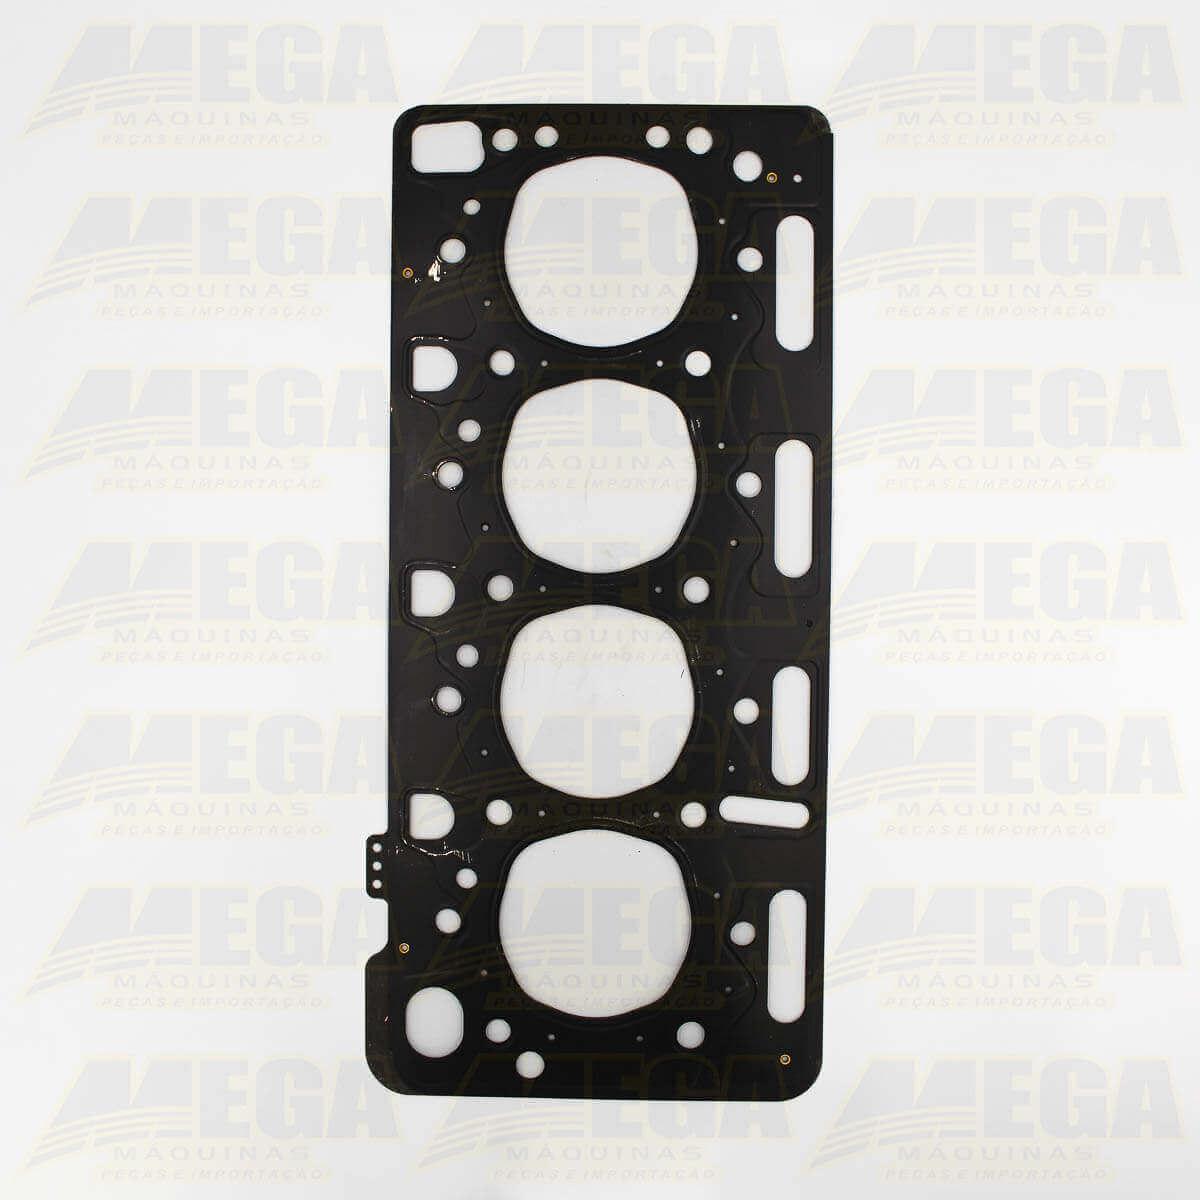 Jogo de Juntas Superior Aspirado Motor DieselMax 444 320/09216 32009216